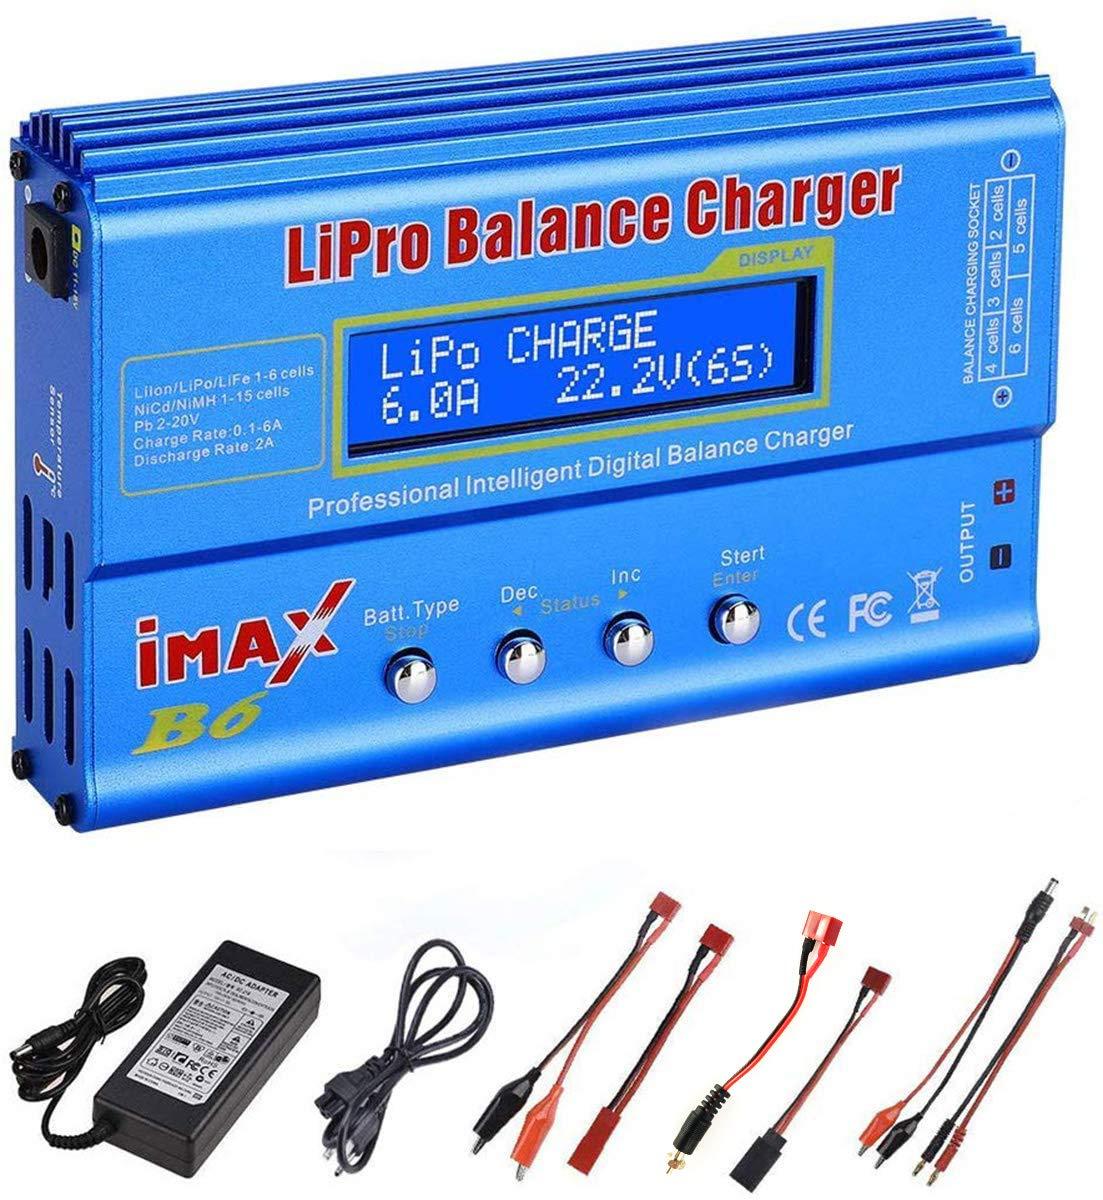 Cargador de batería Lipo, RUIZHI 80W6A Lipo Batería Balance Charger Descargador para LiPo/Li-ion/Life Battery (1-6S),NiMH/NiCd (1-15S), Rc Hobby Battery Balance Charger LED W/AC Power Adapte